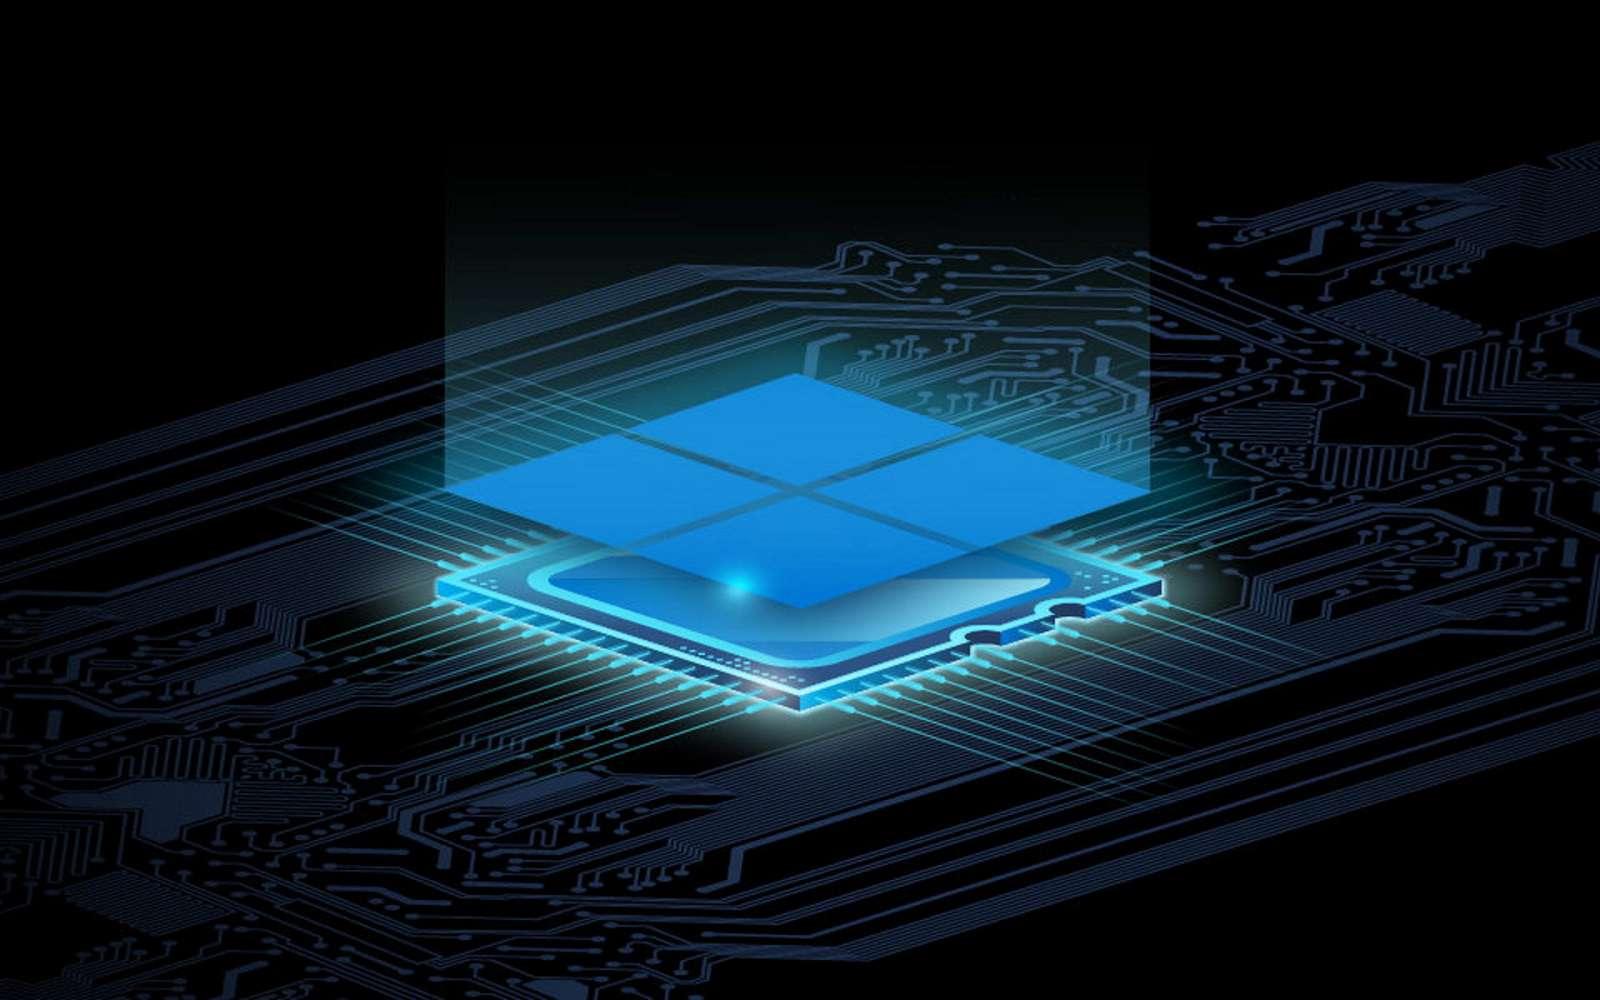 La nouvelle puce de sécurité Pluton sera intégrée directement dans le processeur des PC. © Microsoft